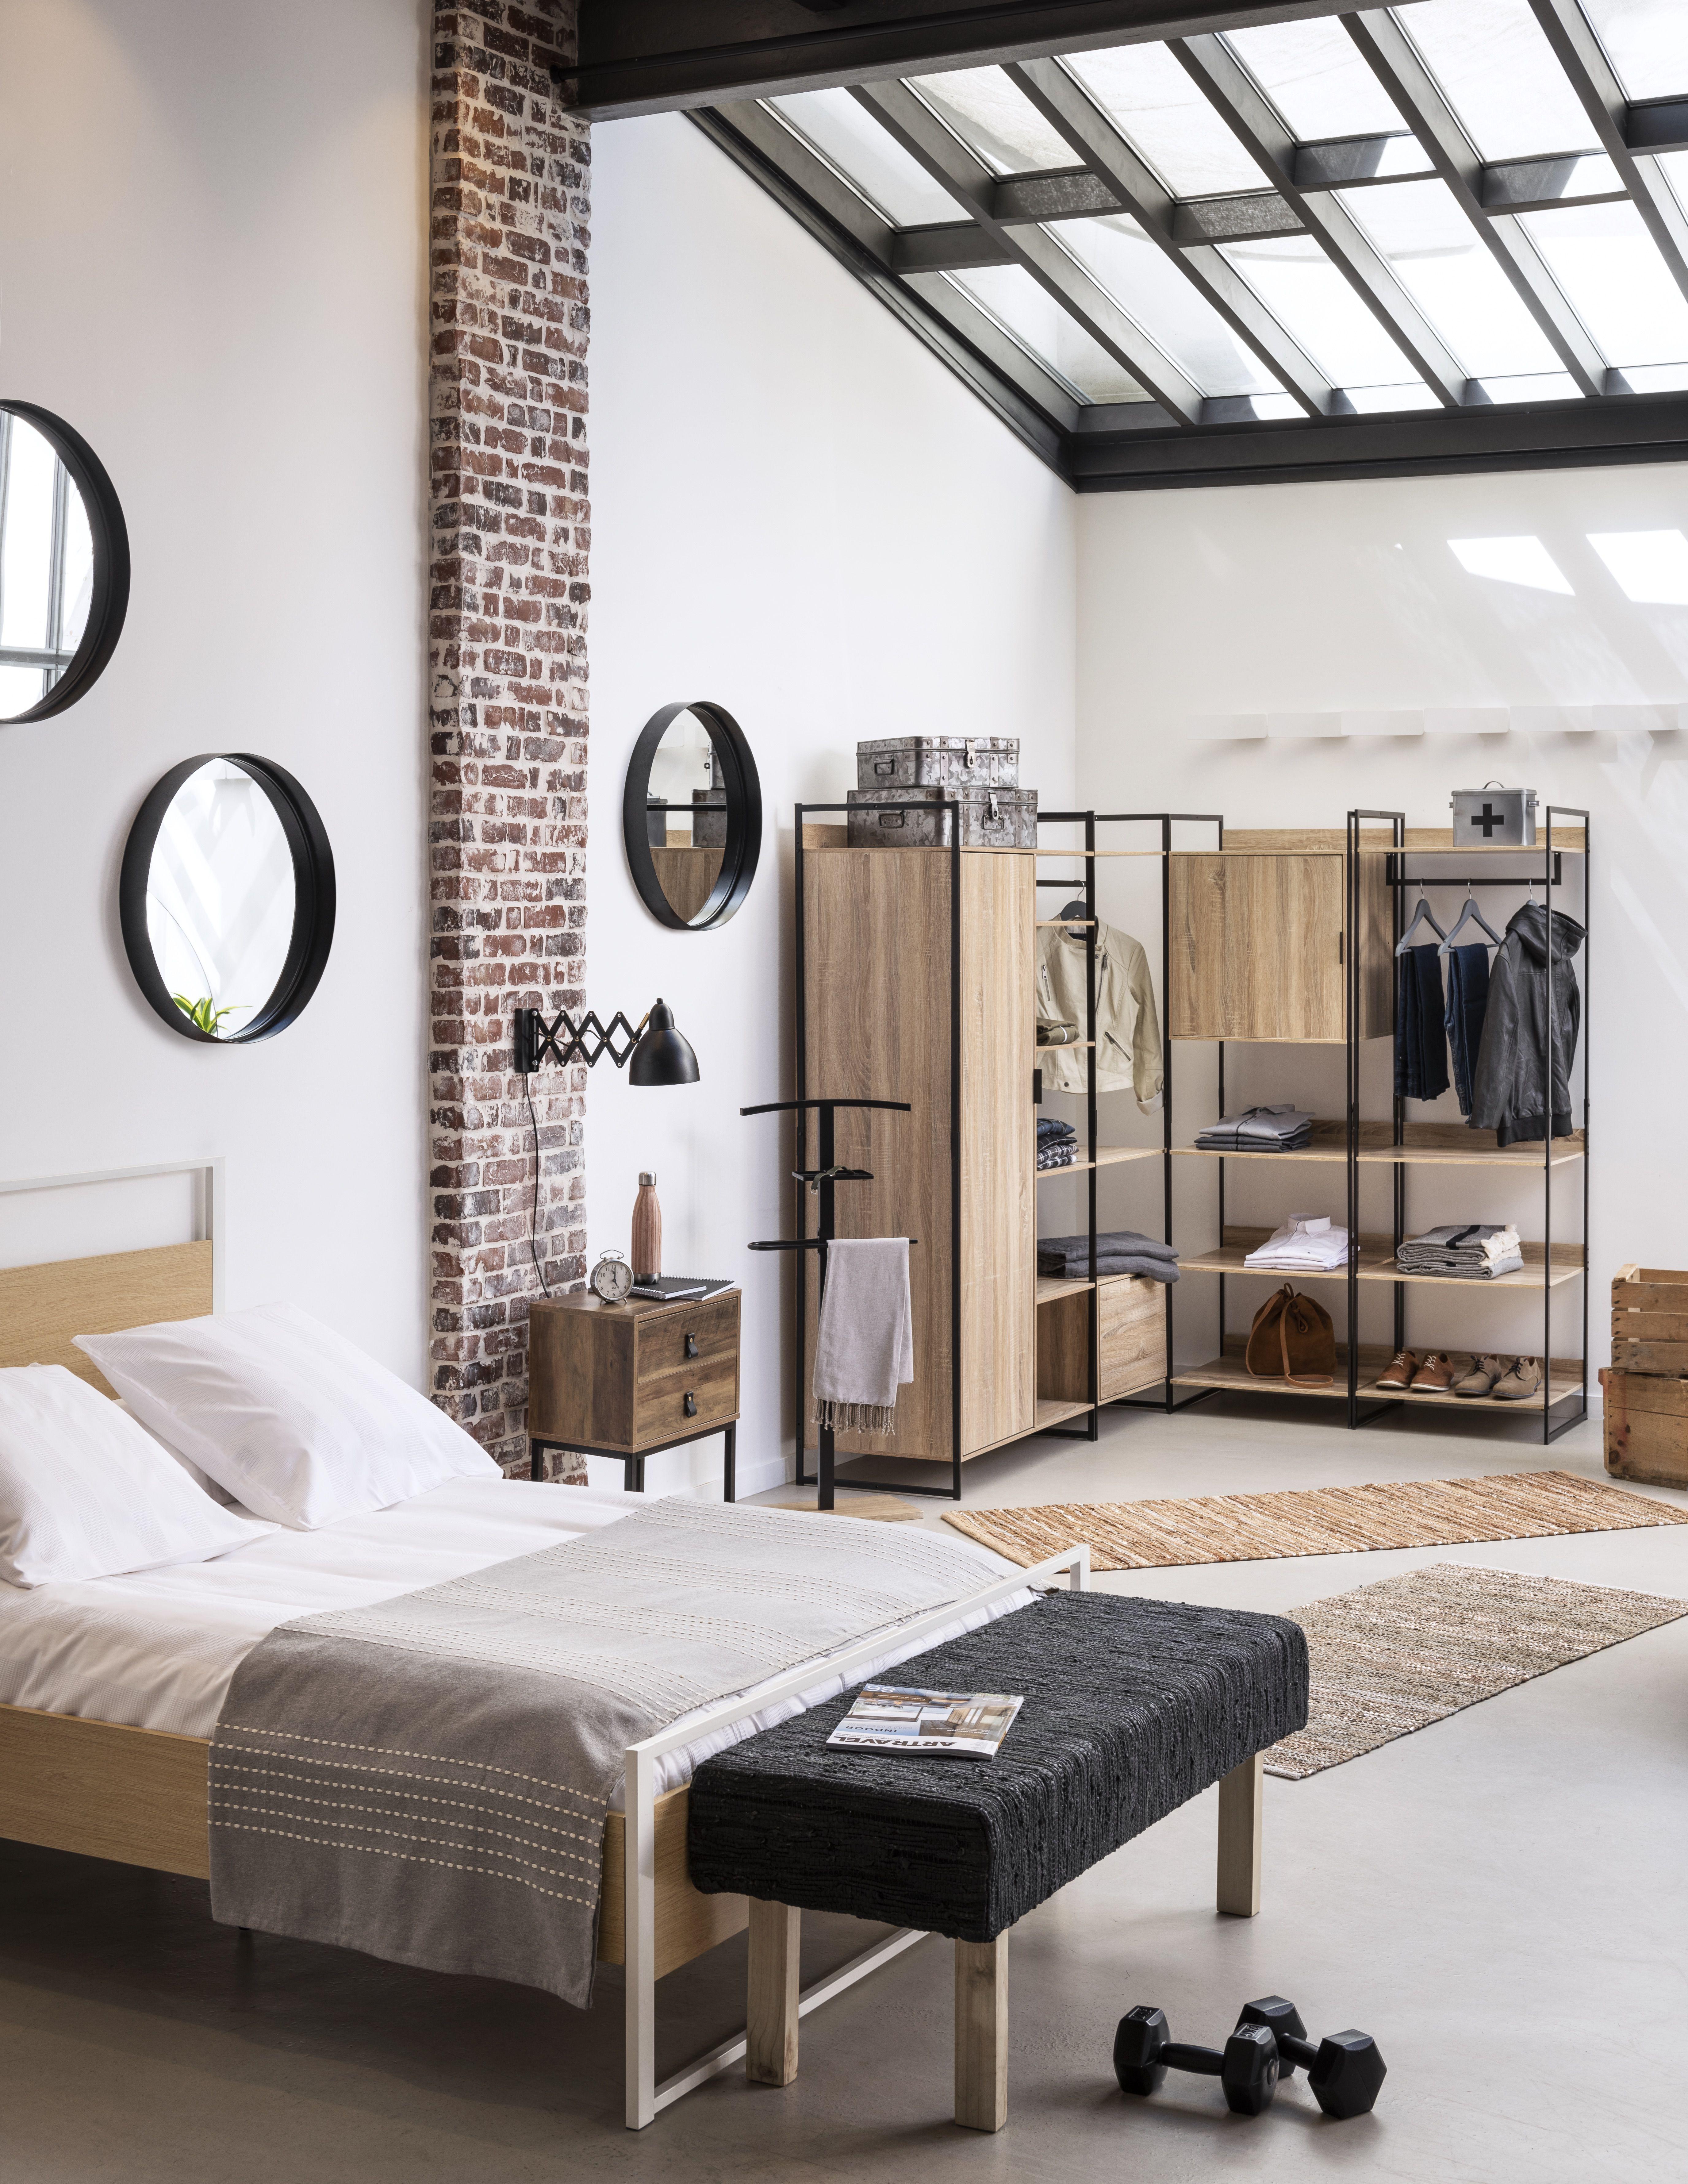 Epingle Par Gifi Sur Style Industriel Meuble Gifi Lit 2 Places Decos Maison